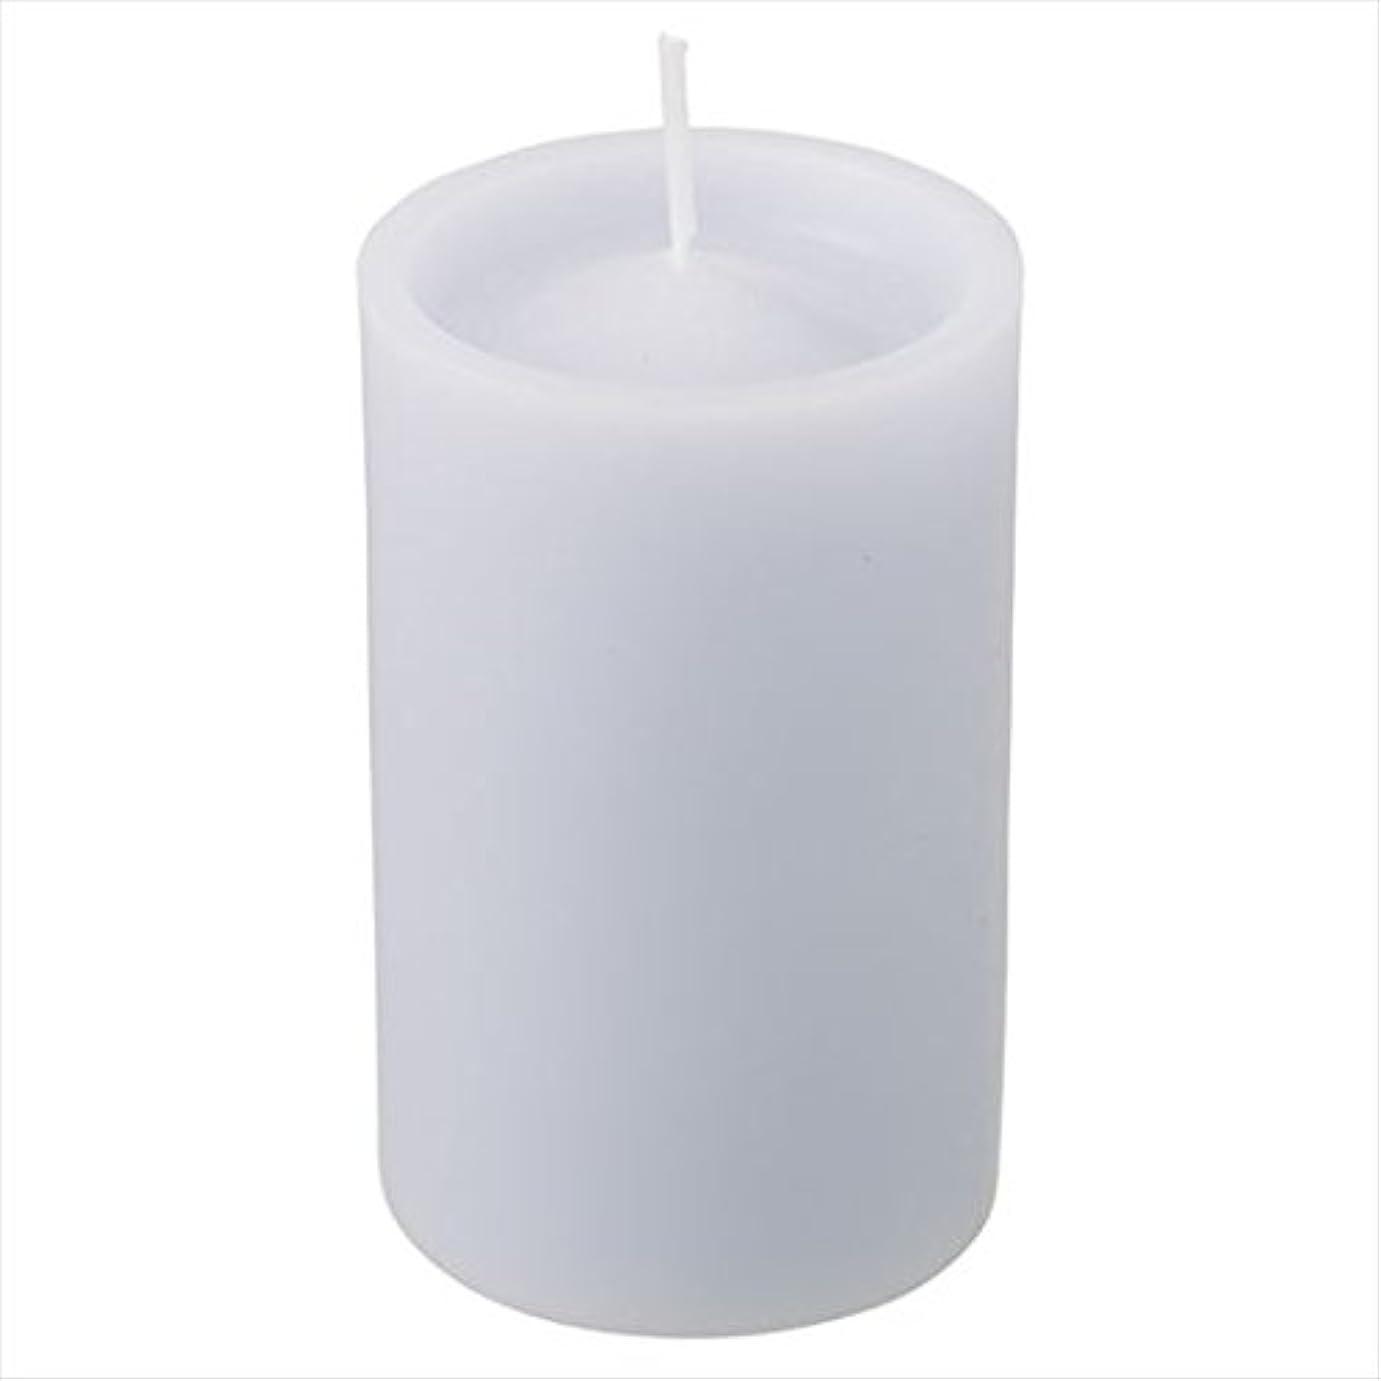 量でかなり縞模様のカメヤマキャンドル( kameyama candle ) ロイヤルラウンド60 「 グレー 」